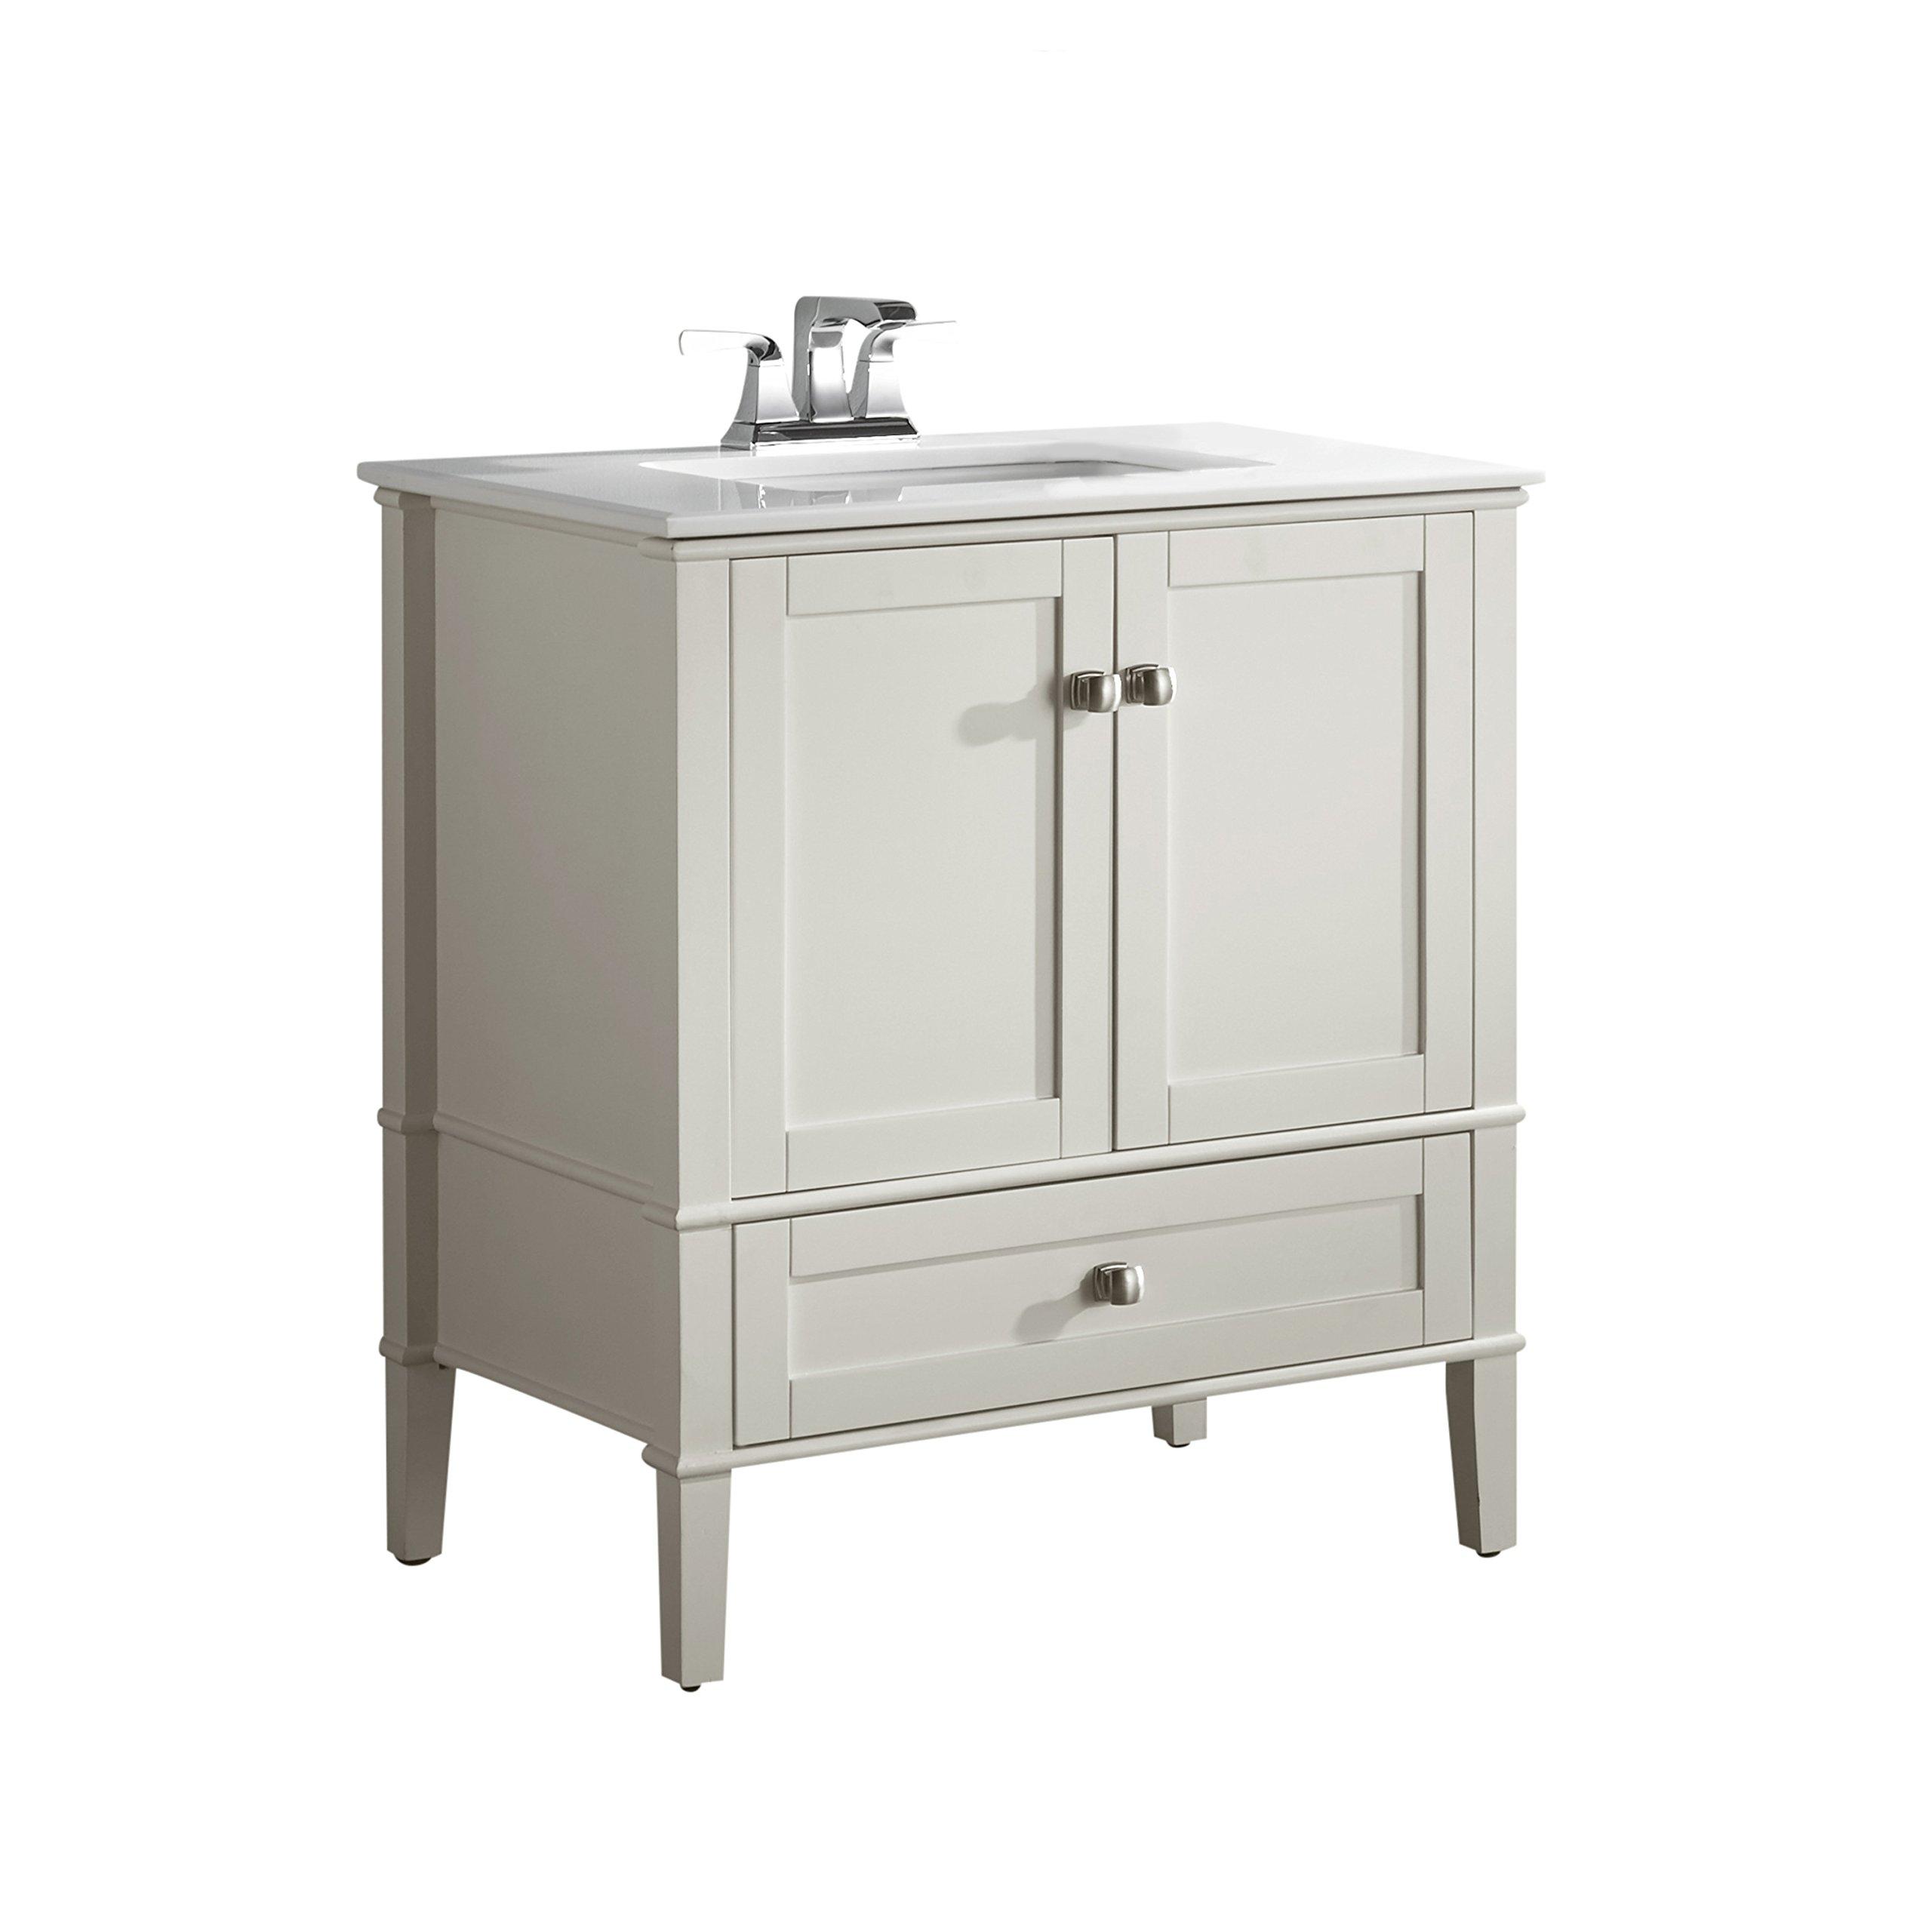 Best Rated in Bathroom Vanity Suites & Helpful Customer Reviews ...